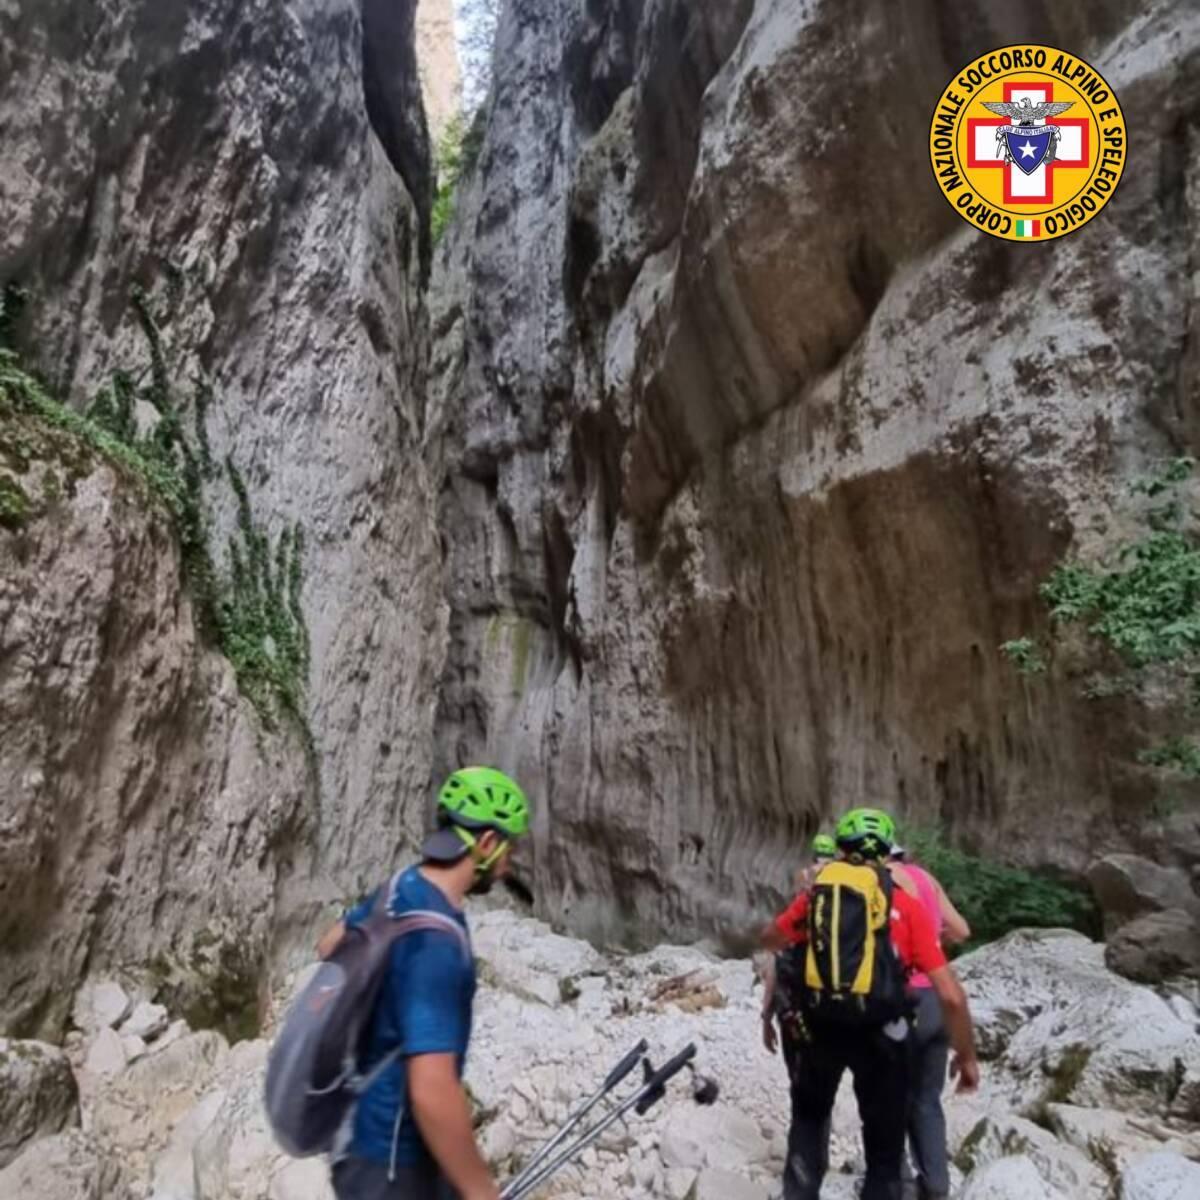 precipita-per-10-metri:-escursionista-soccorso-sul-gran-sasso